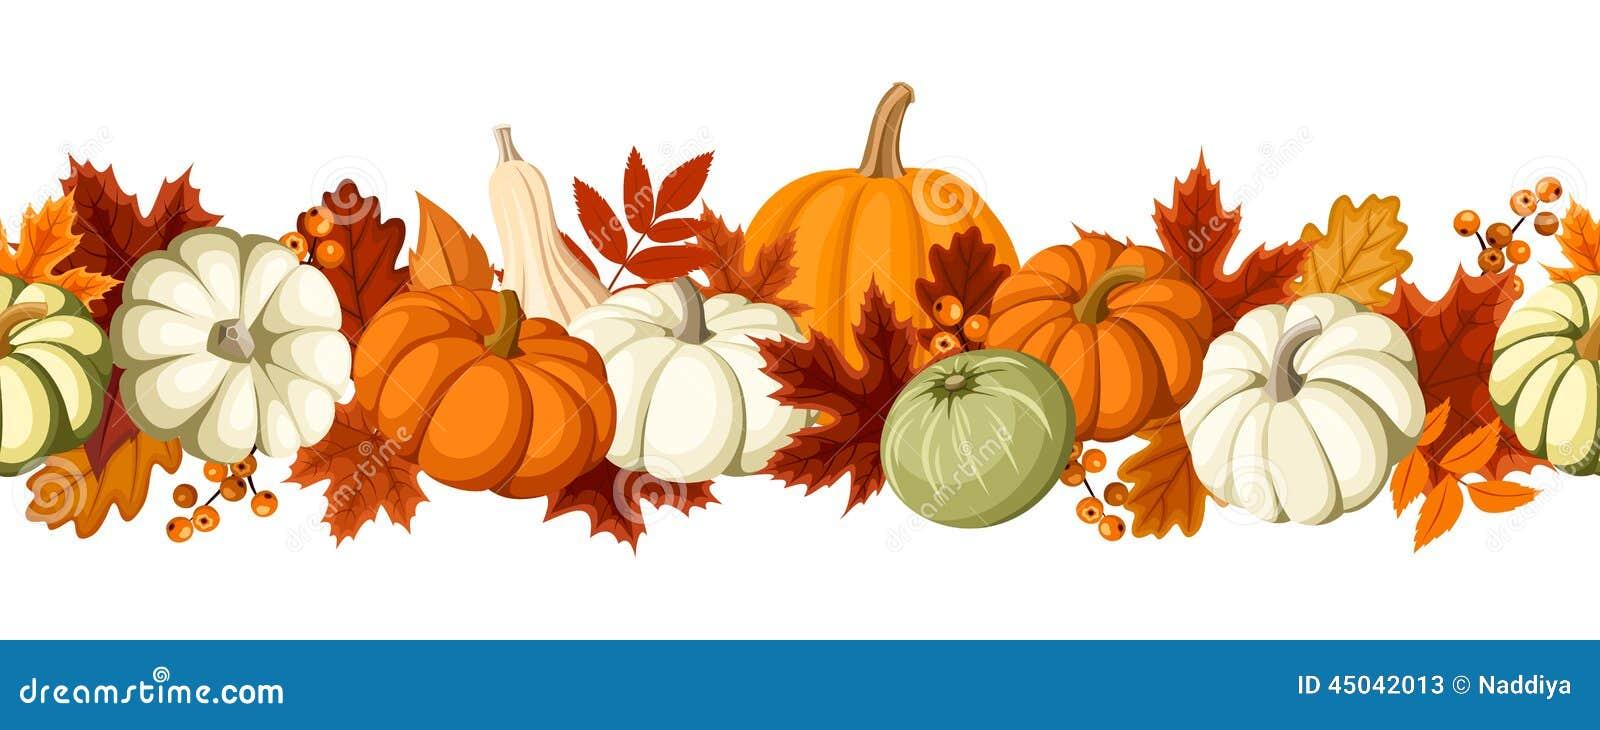 Horyzontalny bezszwowy tło z baniami i jesień liśćmi również zwrócić corel ilustracji wektora